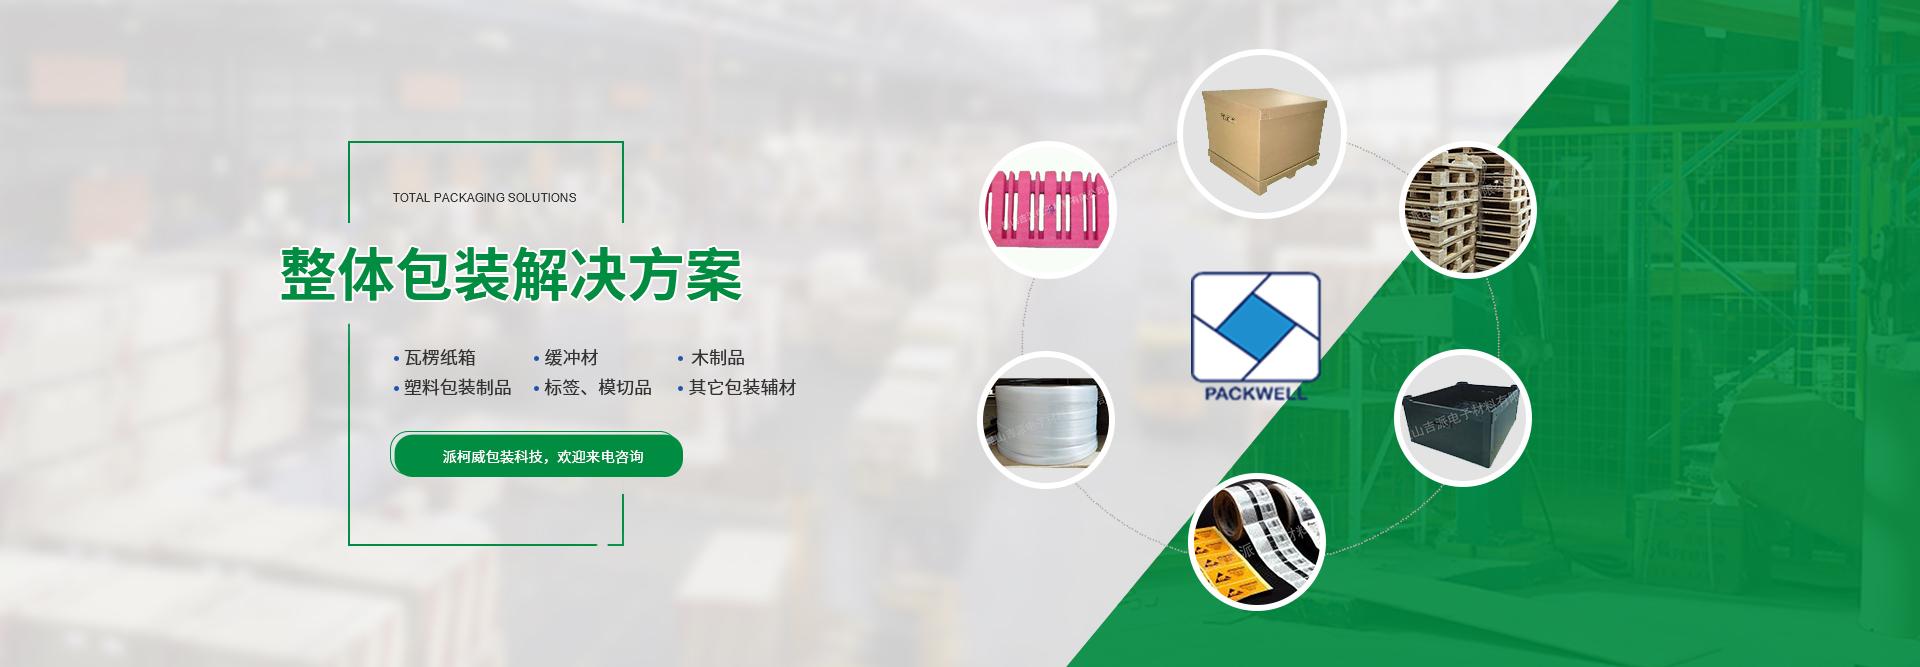 昆山纸箱厂